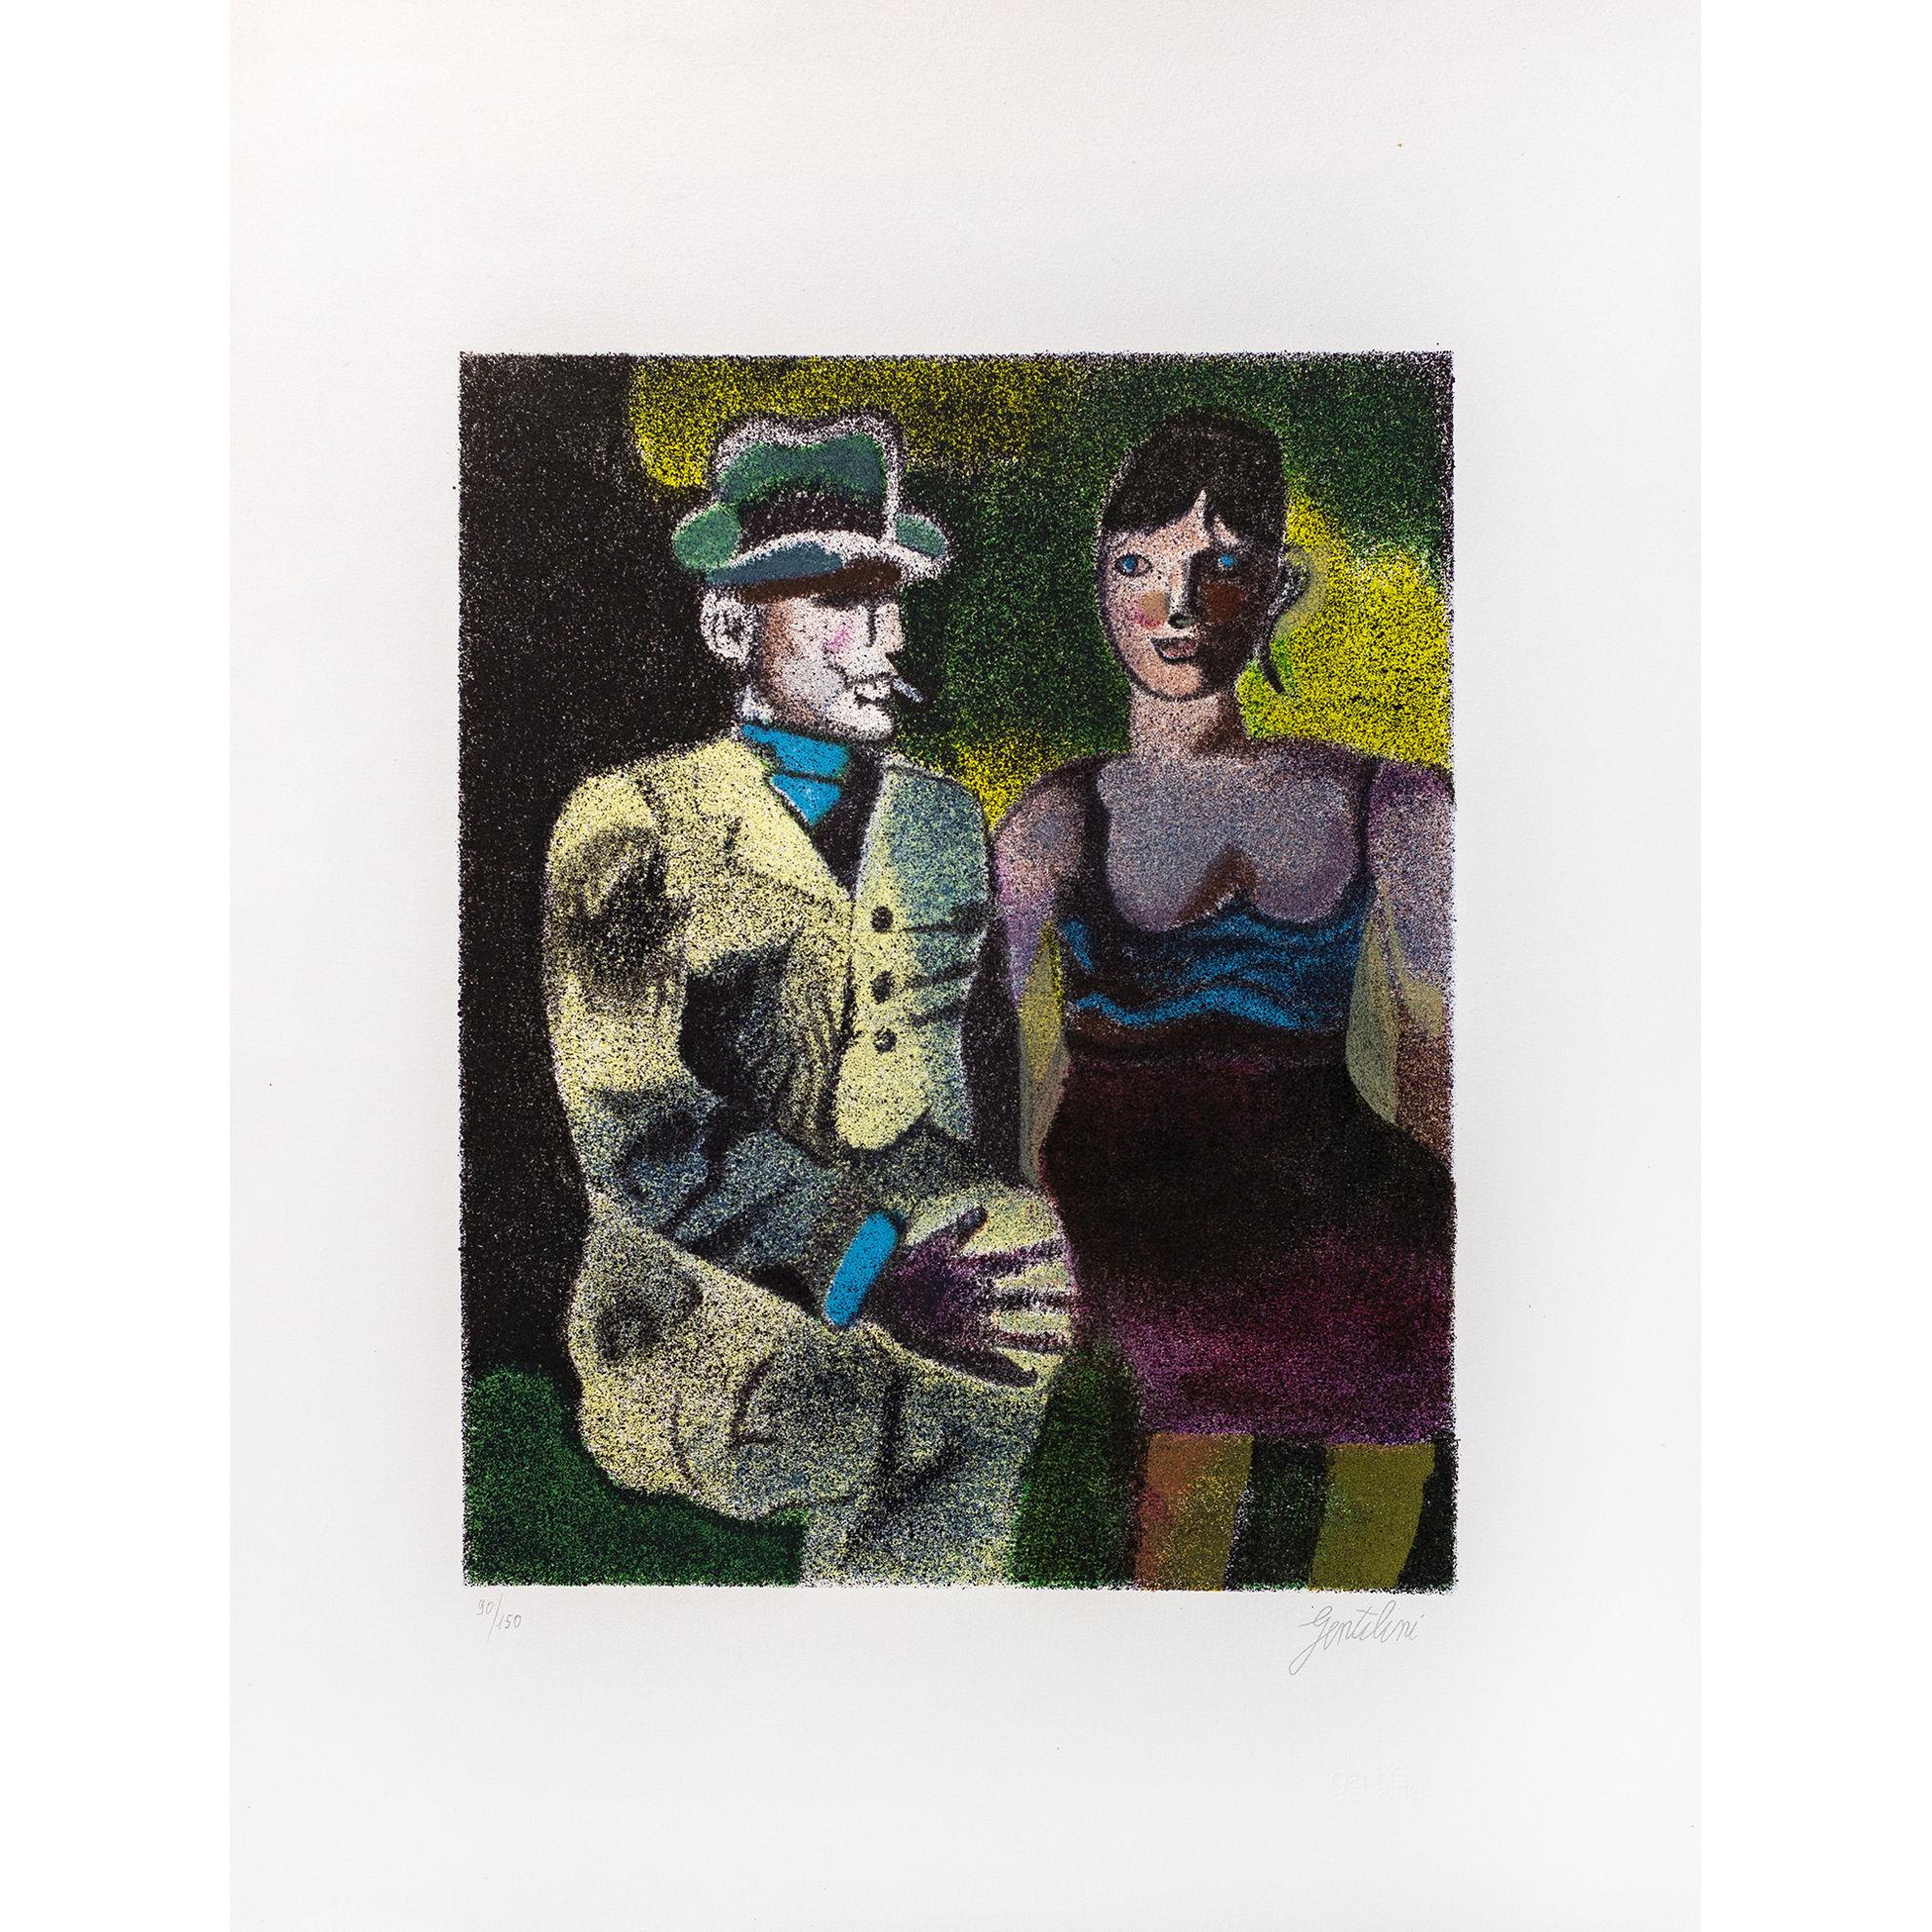 Immagine di Luisa e Ippolito sul tramwai